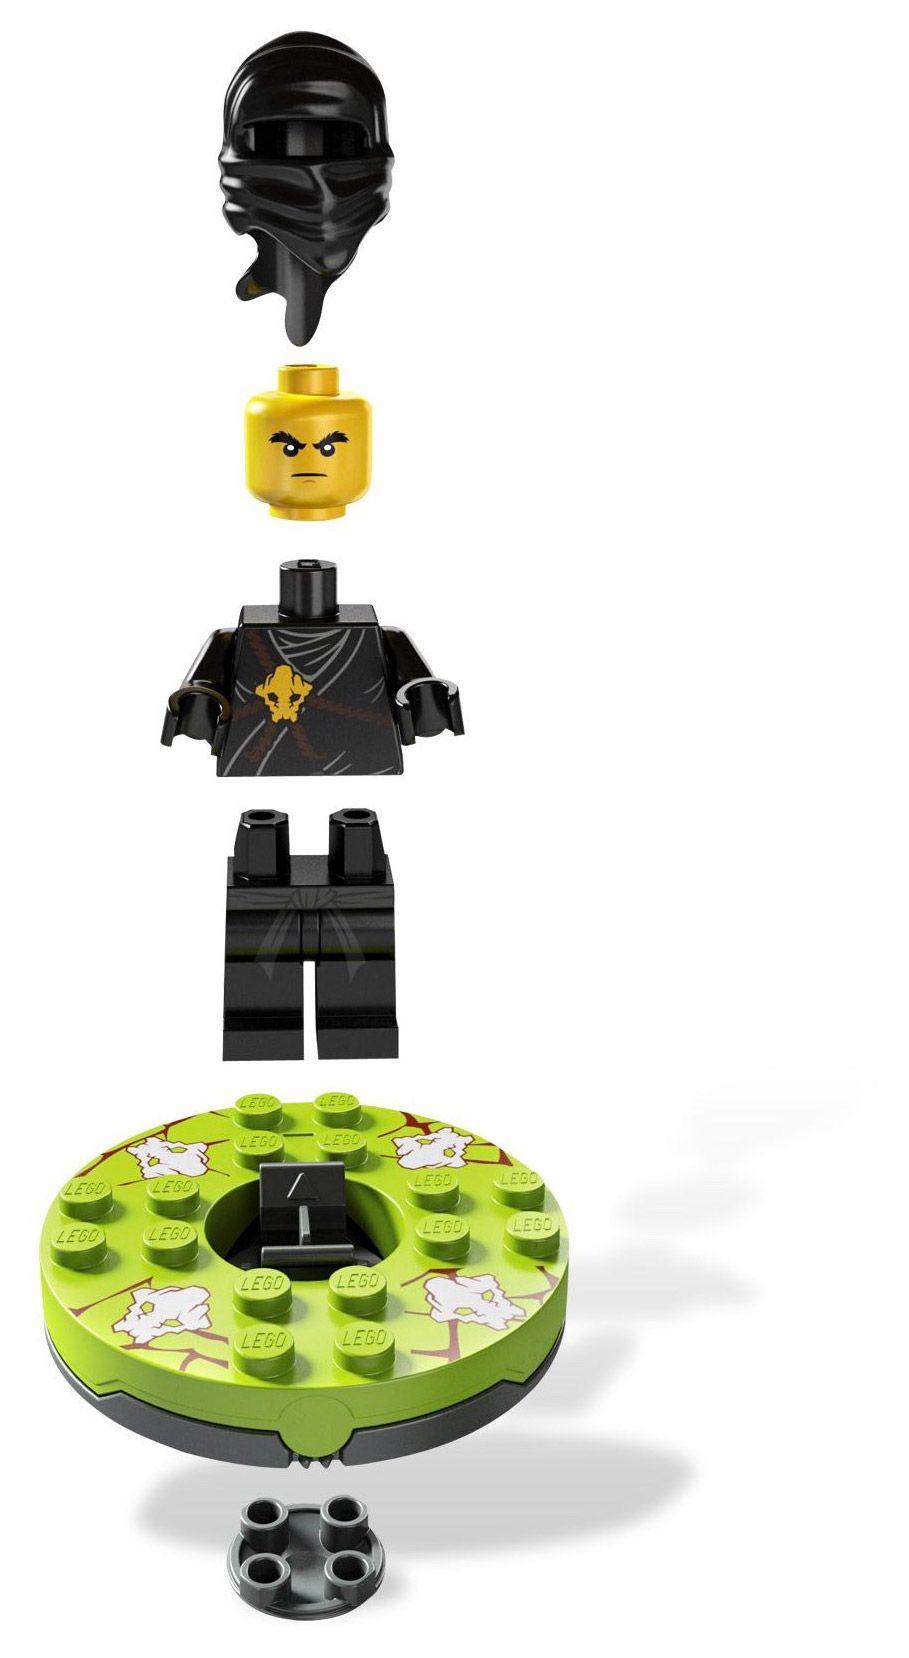 Lego ninjago 2112 pas cher cole - Lego ninjago d or ...